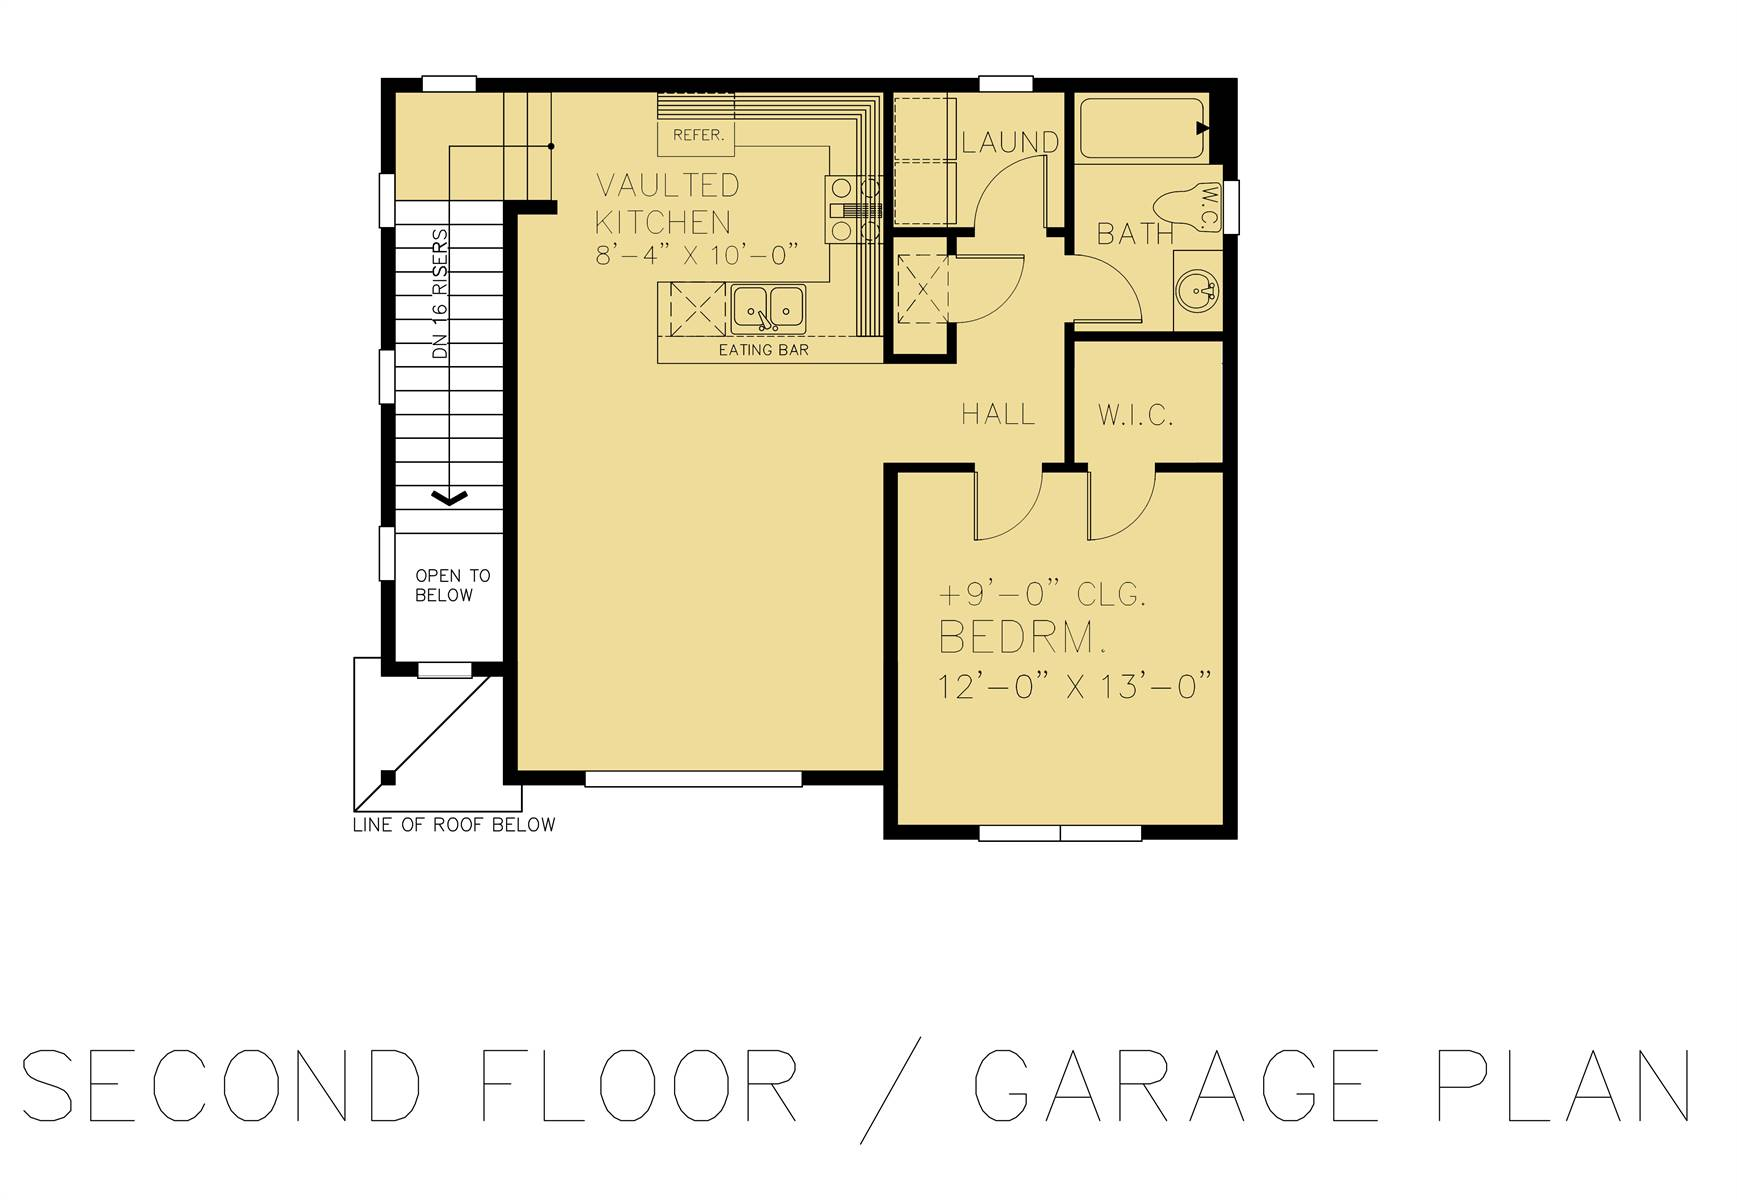 Second Floor - Garage